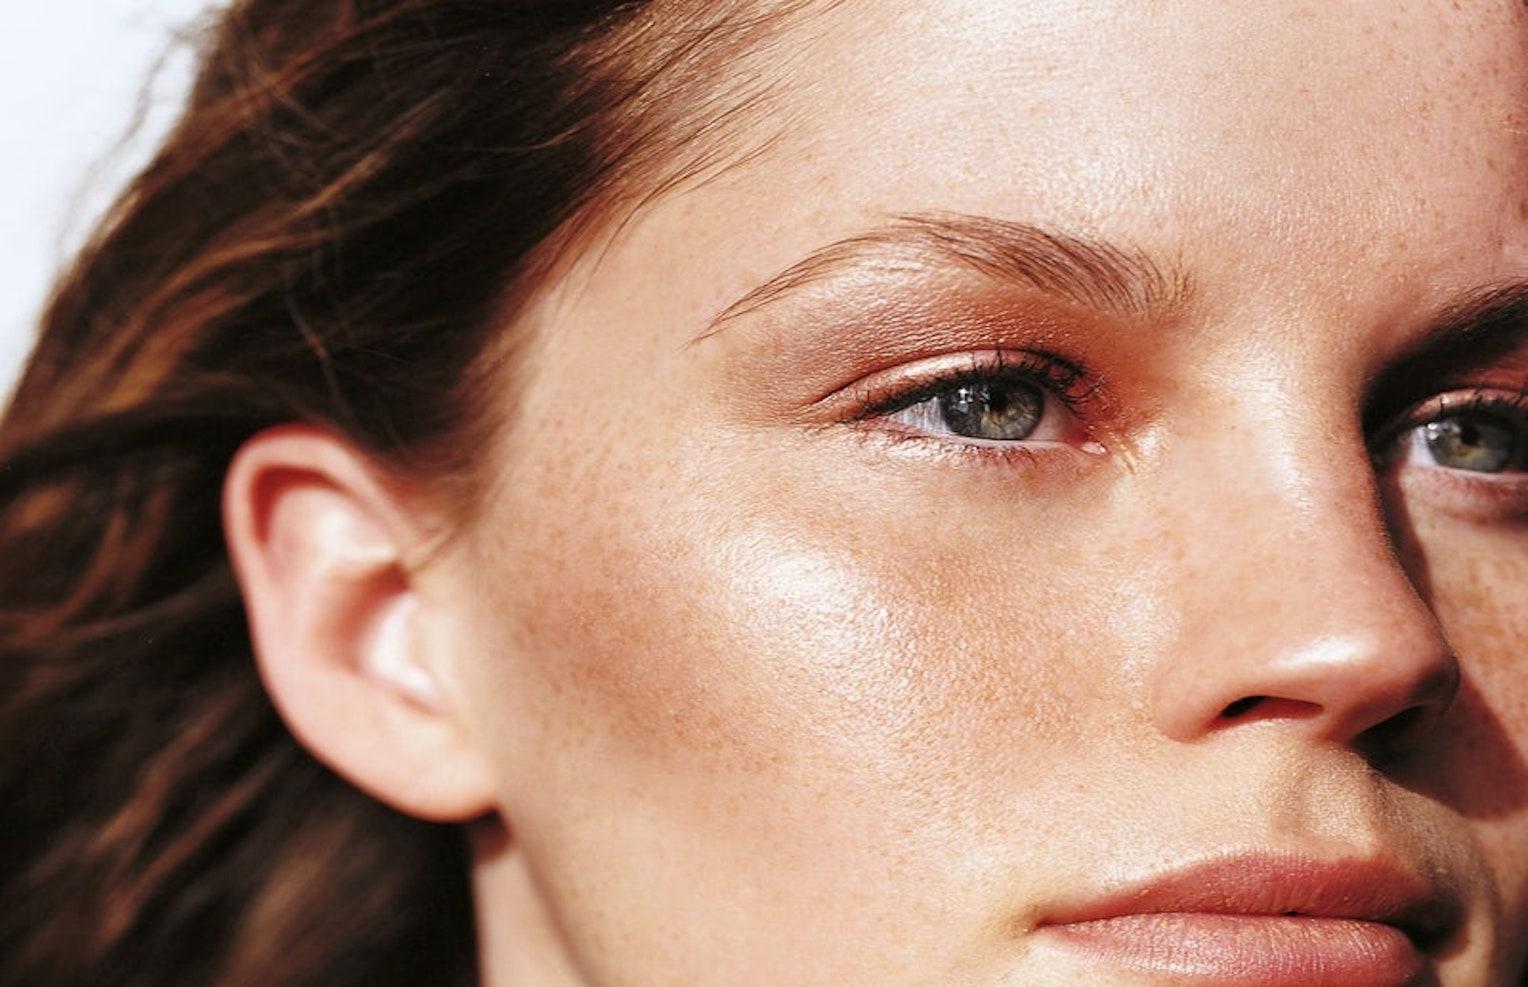 Καθαρισμός προσώπου: Όλα τα μυστικά για ένα αψεγάδιαστο δέρμα!